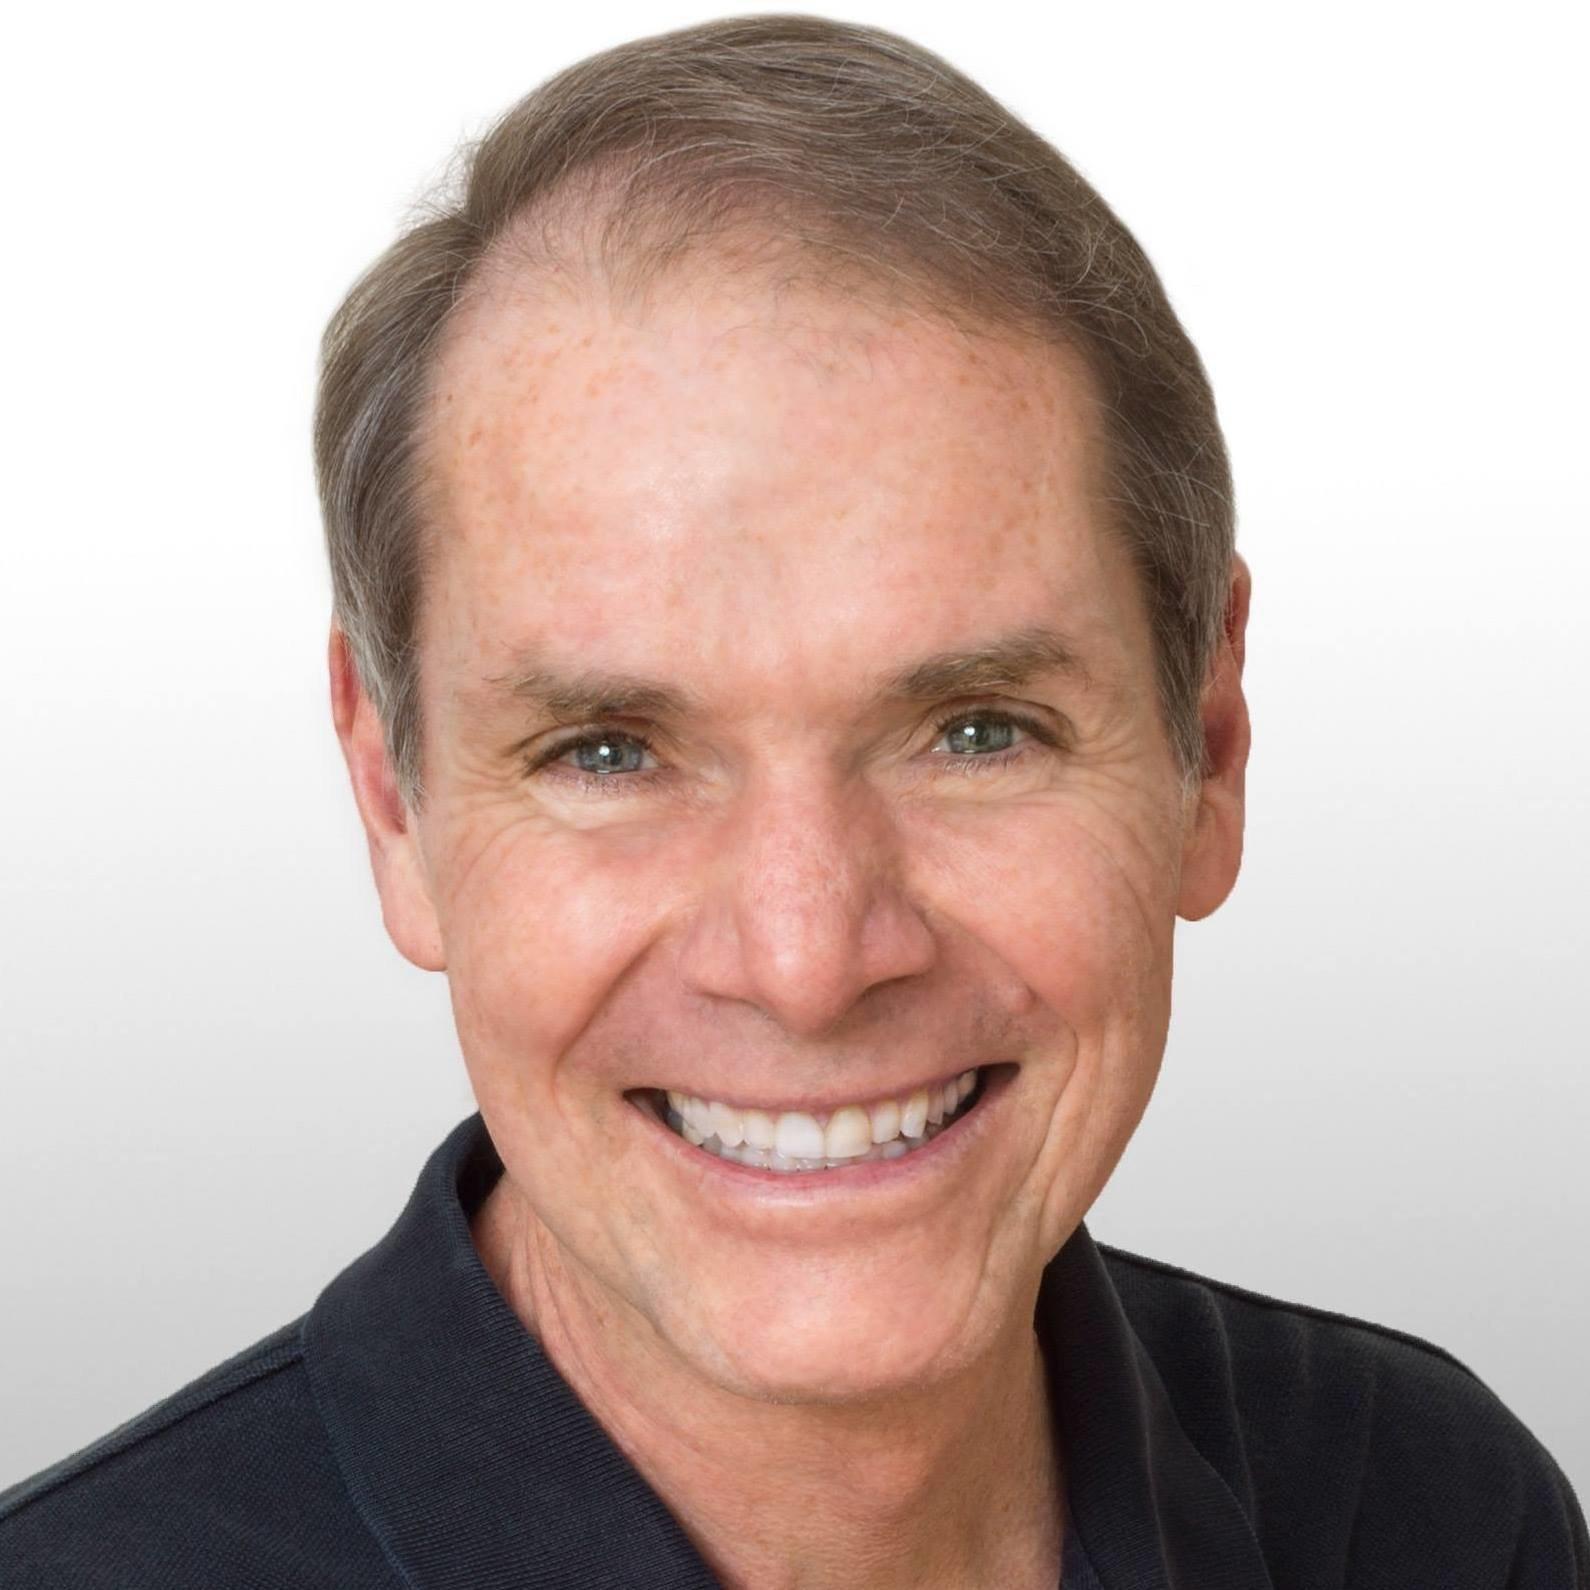 Ποια είναι τα «συστατικά επιτυχίας» των Steve Jobs, Jeff Bezos, Mozart και